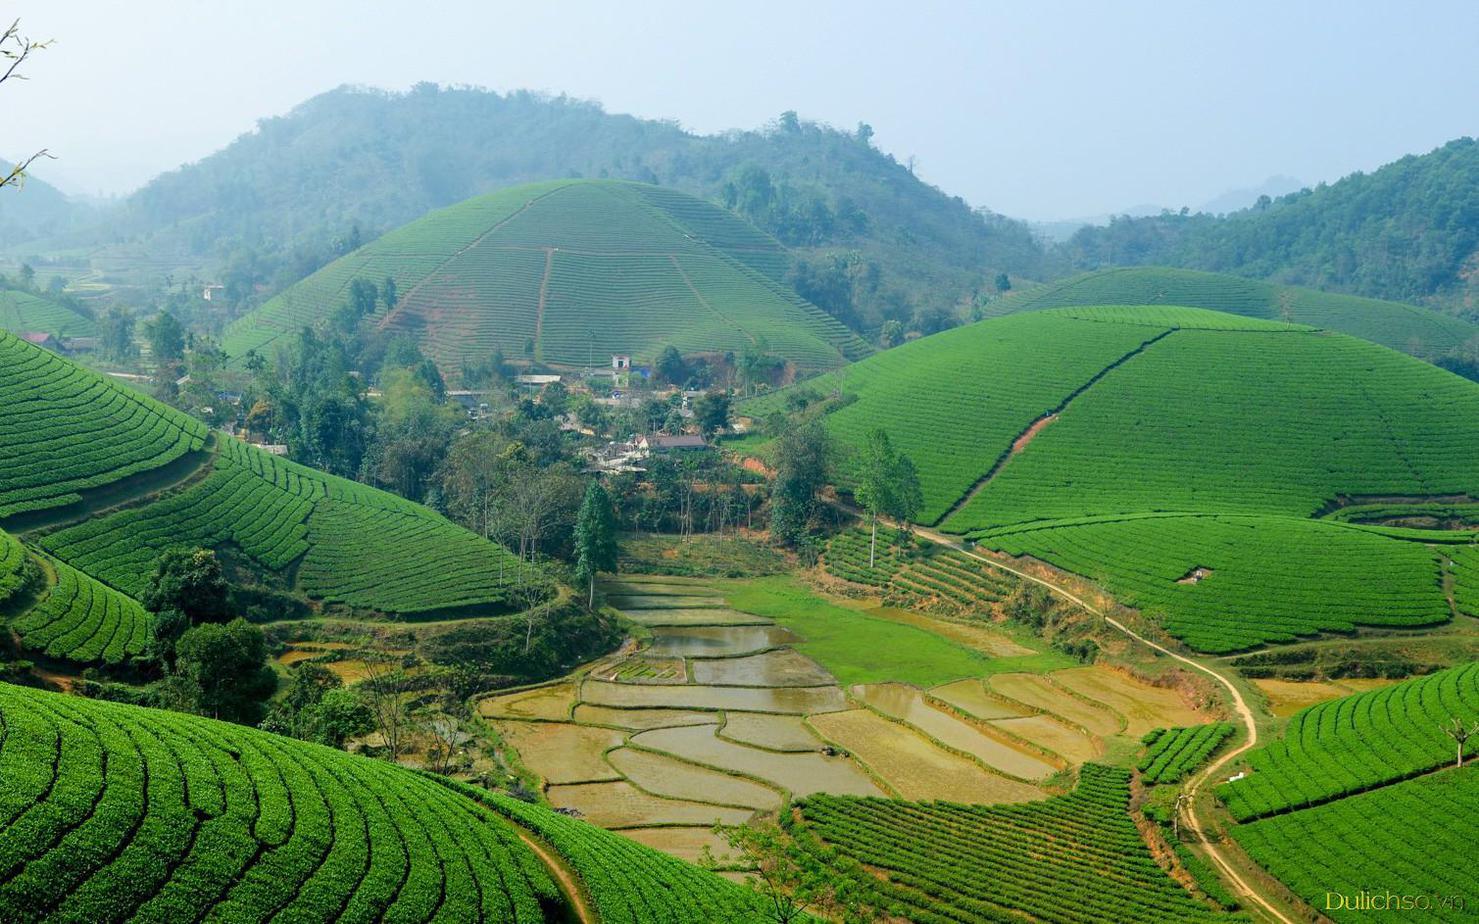 Những đồi chè xanh tươi bao quanh thửa ruộng bậc thang dưới thung lũng